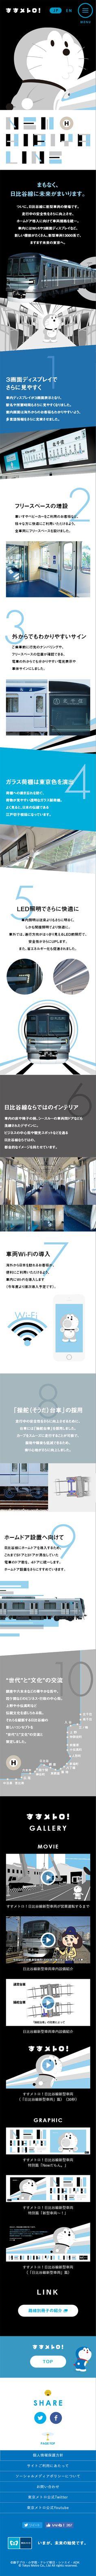 東京メトロ 日比谷線【サービス関連】のLPデザイン。WEBデザイナーさん必見!スマホランディングページのデザイン参考に(かわいい系)